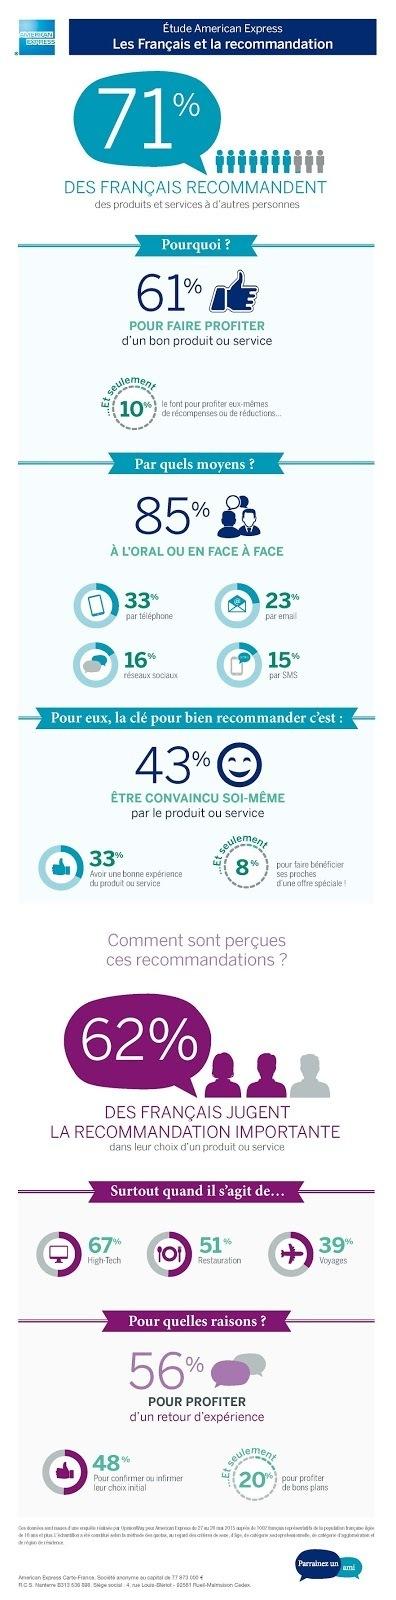 [infographie] Les Français et la recommandation | Web information Specialist | Scoop.it